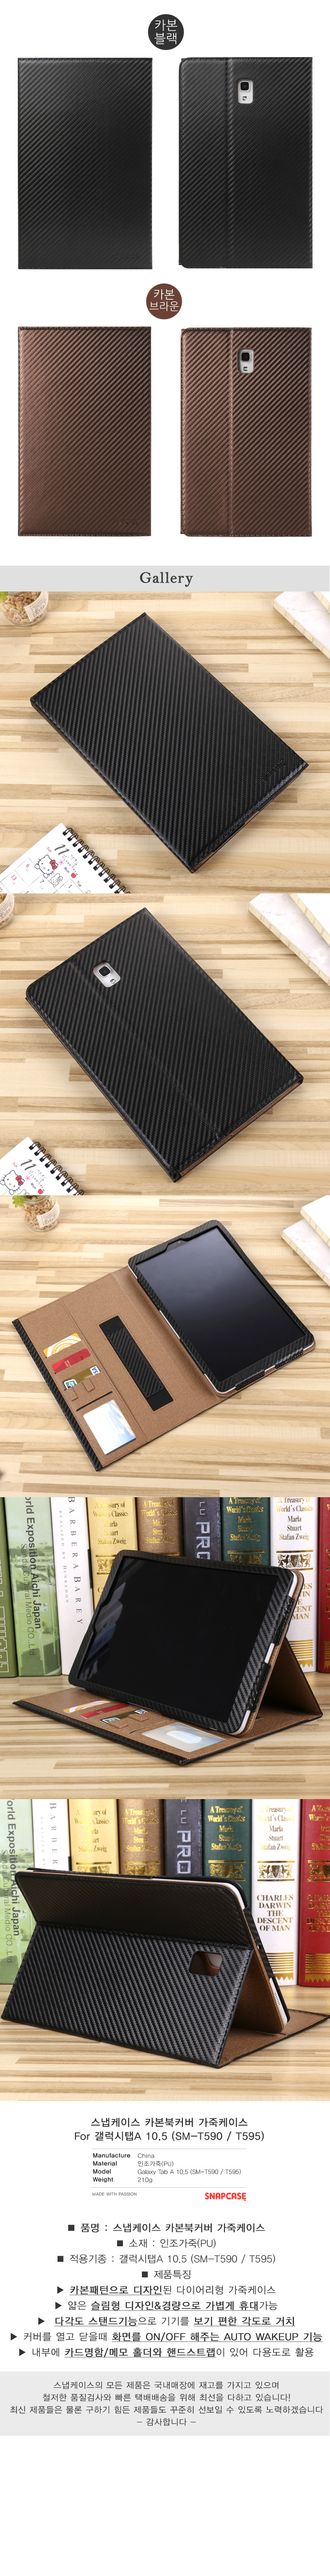 스냅케이스 갤럭시탭A 10.5 카본북커버 가죽케이스 - 스냅케이스, 24,200원, 케이스, 기타 갤럭시 제품